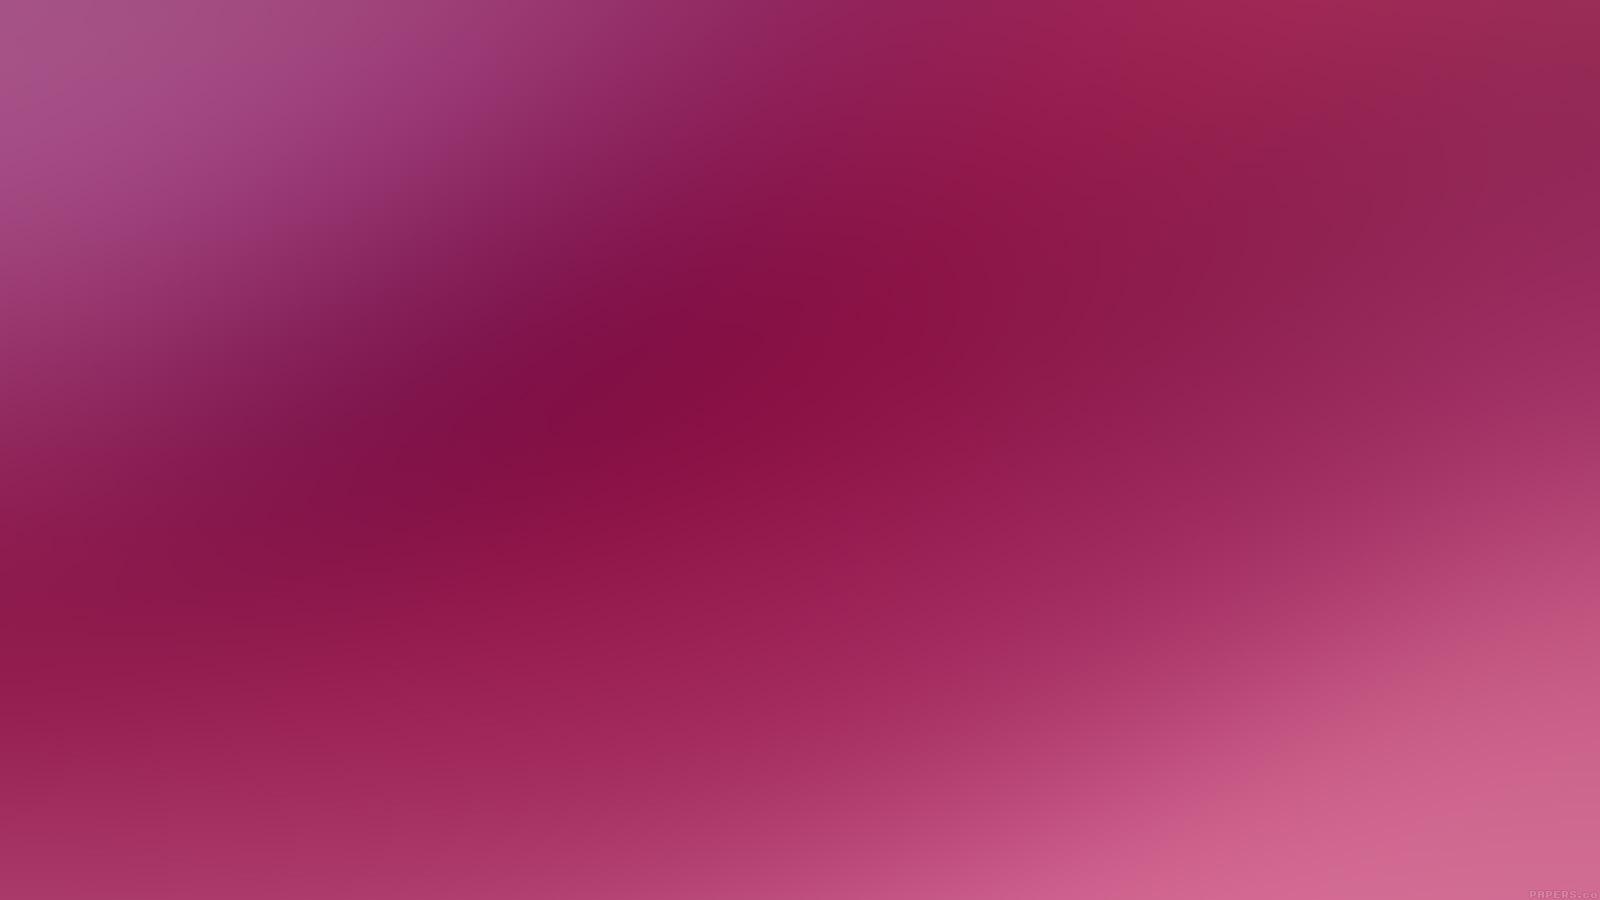 Pop Art Wallpaper Iphone 1680 X 1050